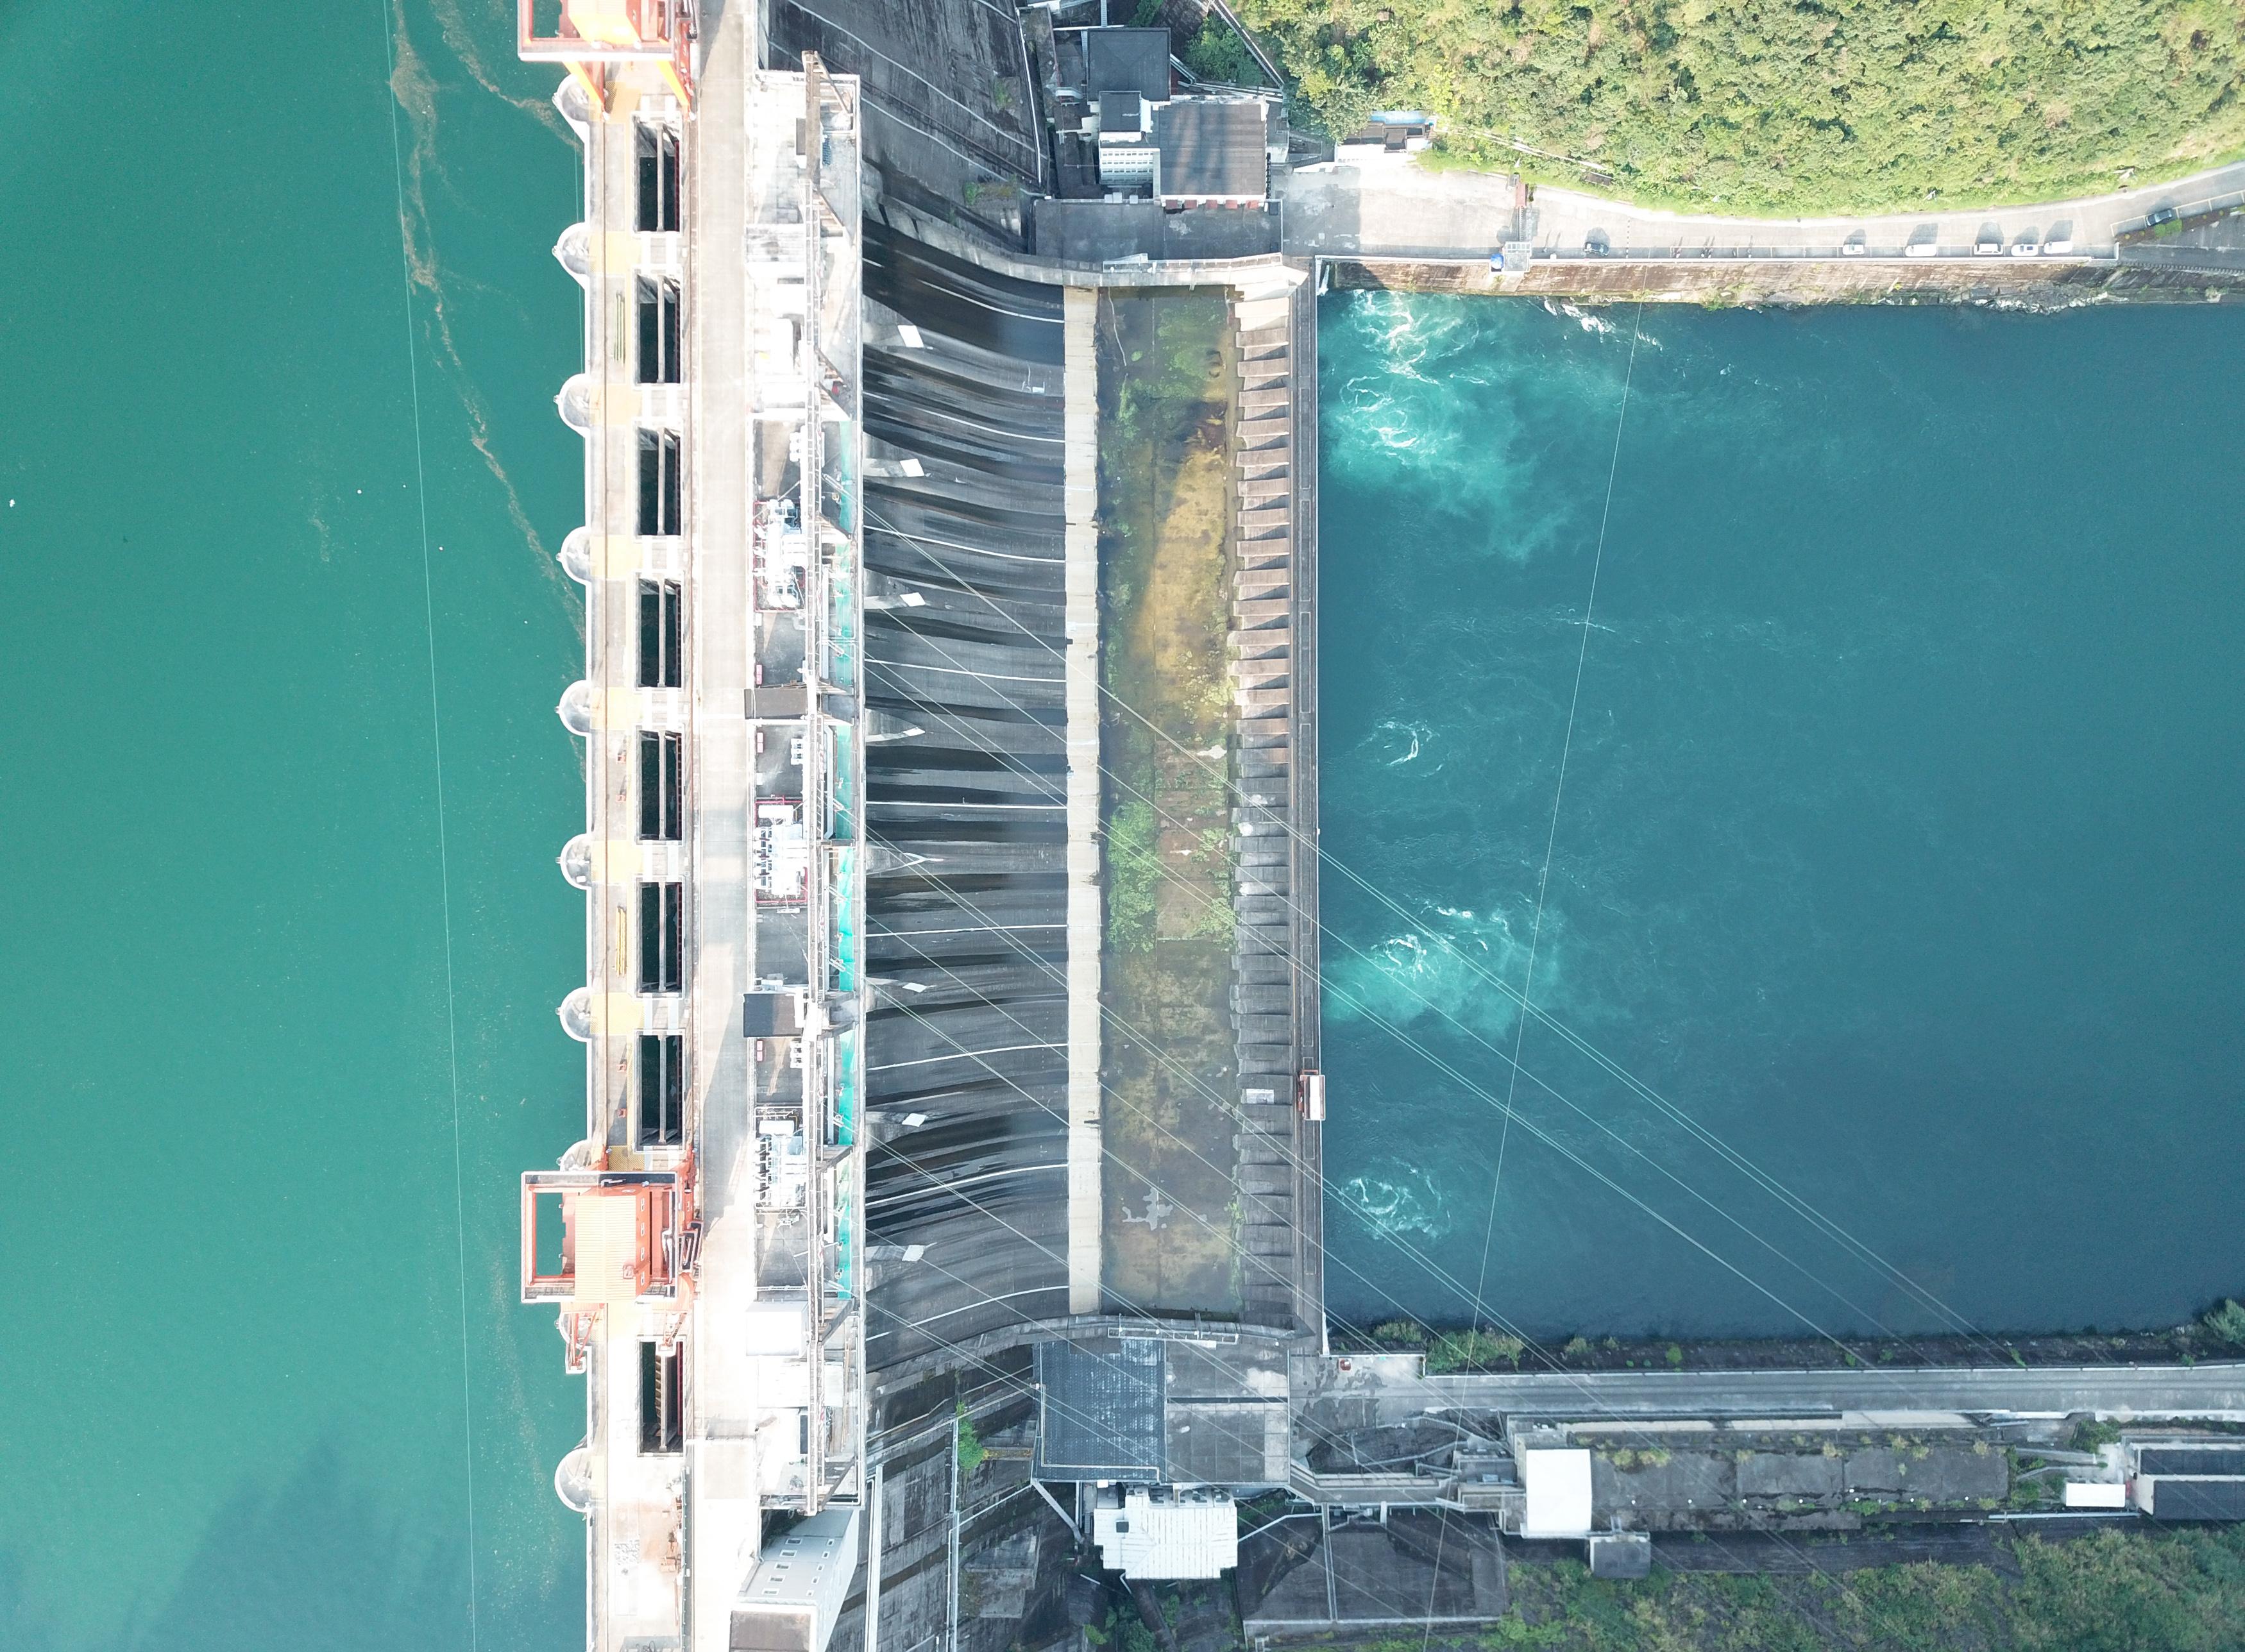 Xin'anjiang River Hydropower Station in E China's Zhejiang - Xinhua | English.news.cn